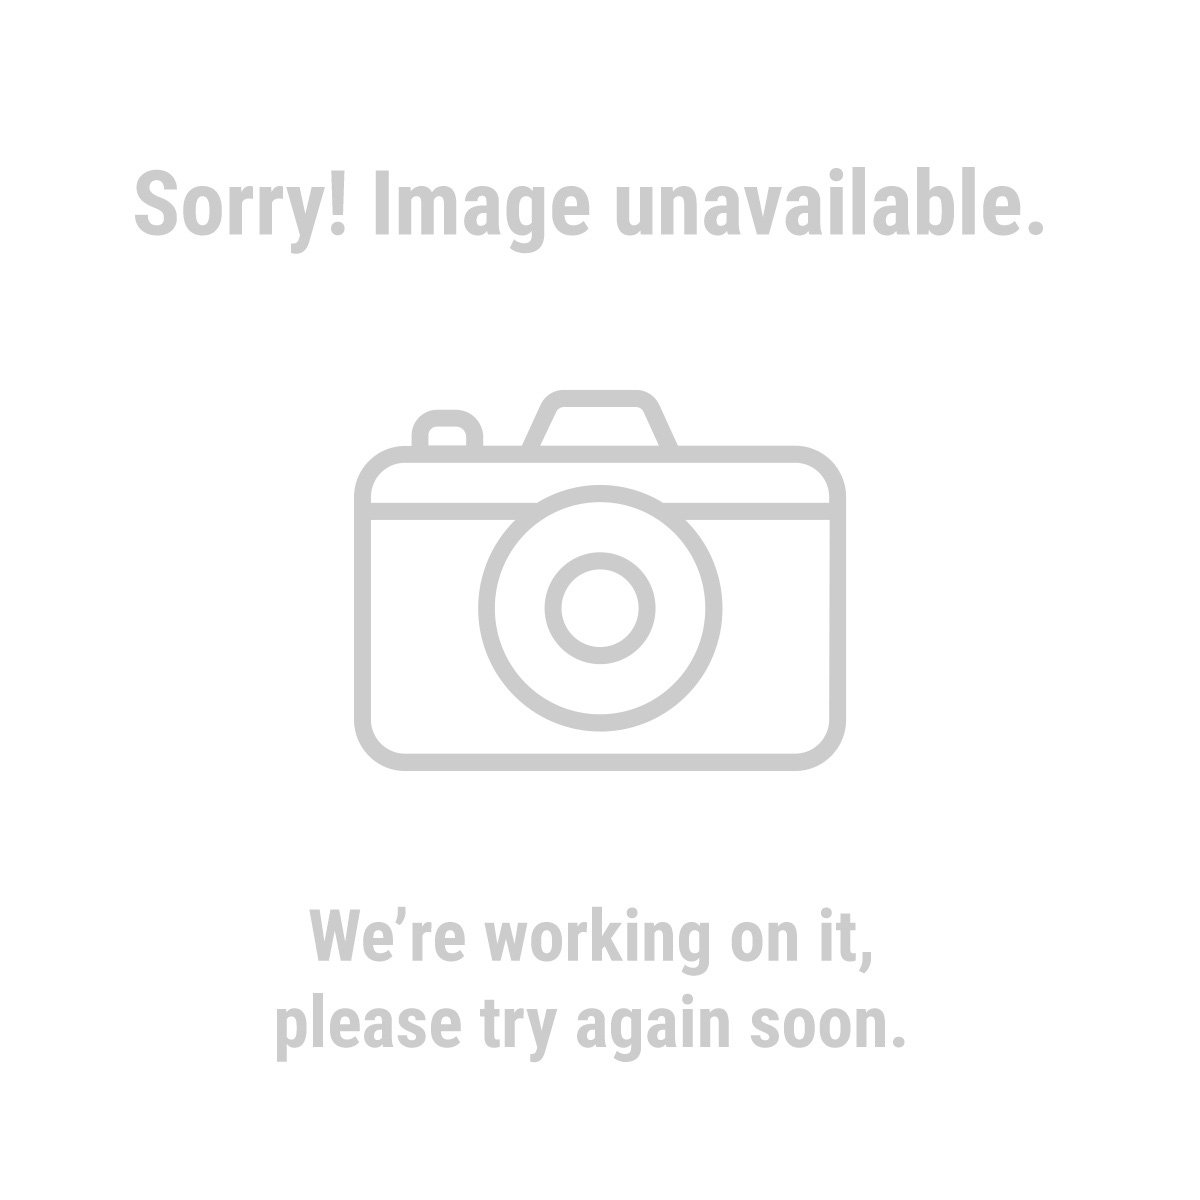 Two Bike Hitch Mount Bike Rack 98019 alternate photo #5